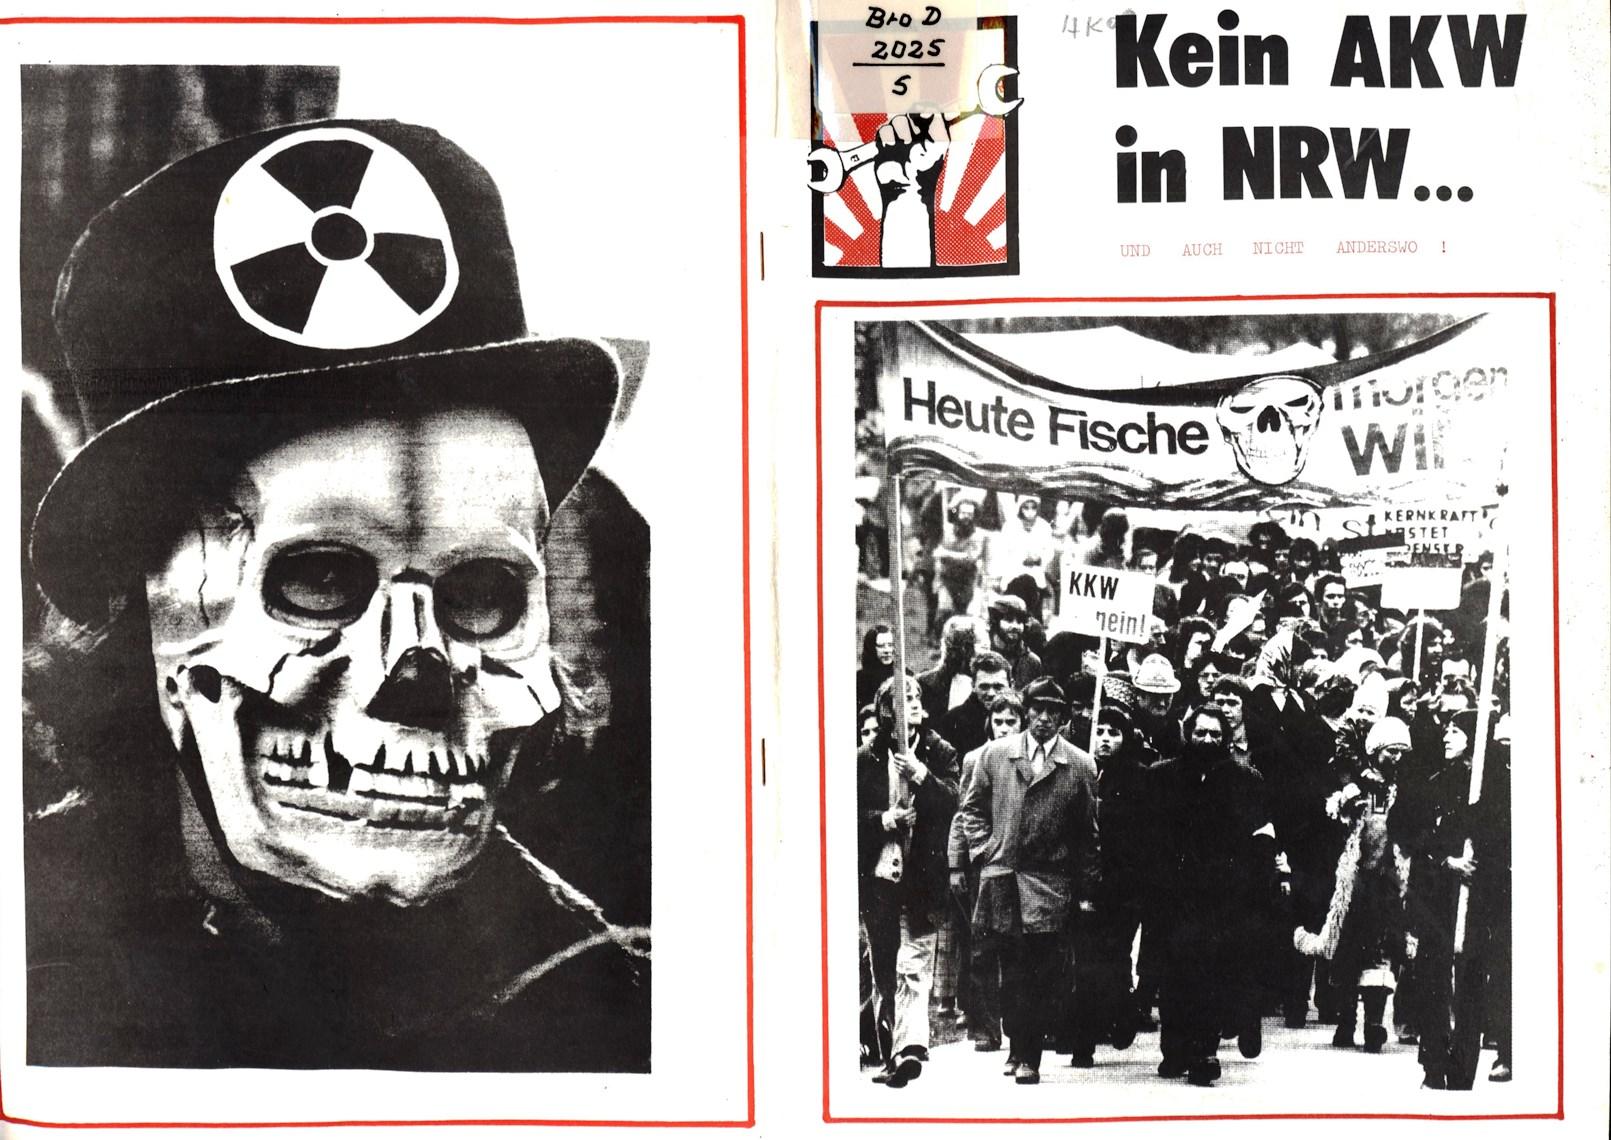 Bochum_KB_1977_Kein_AKW_in_NRW_01